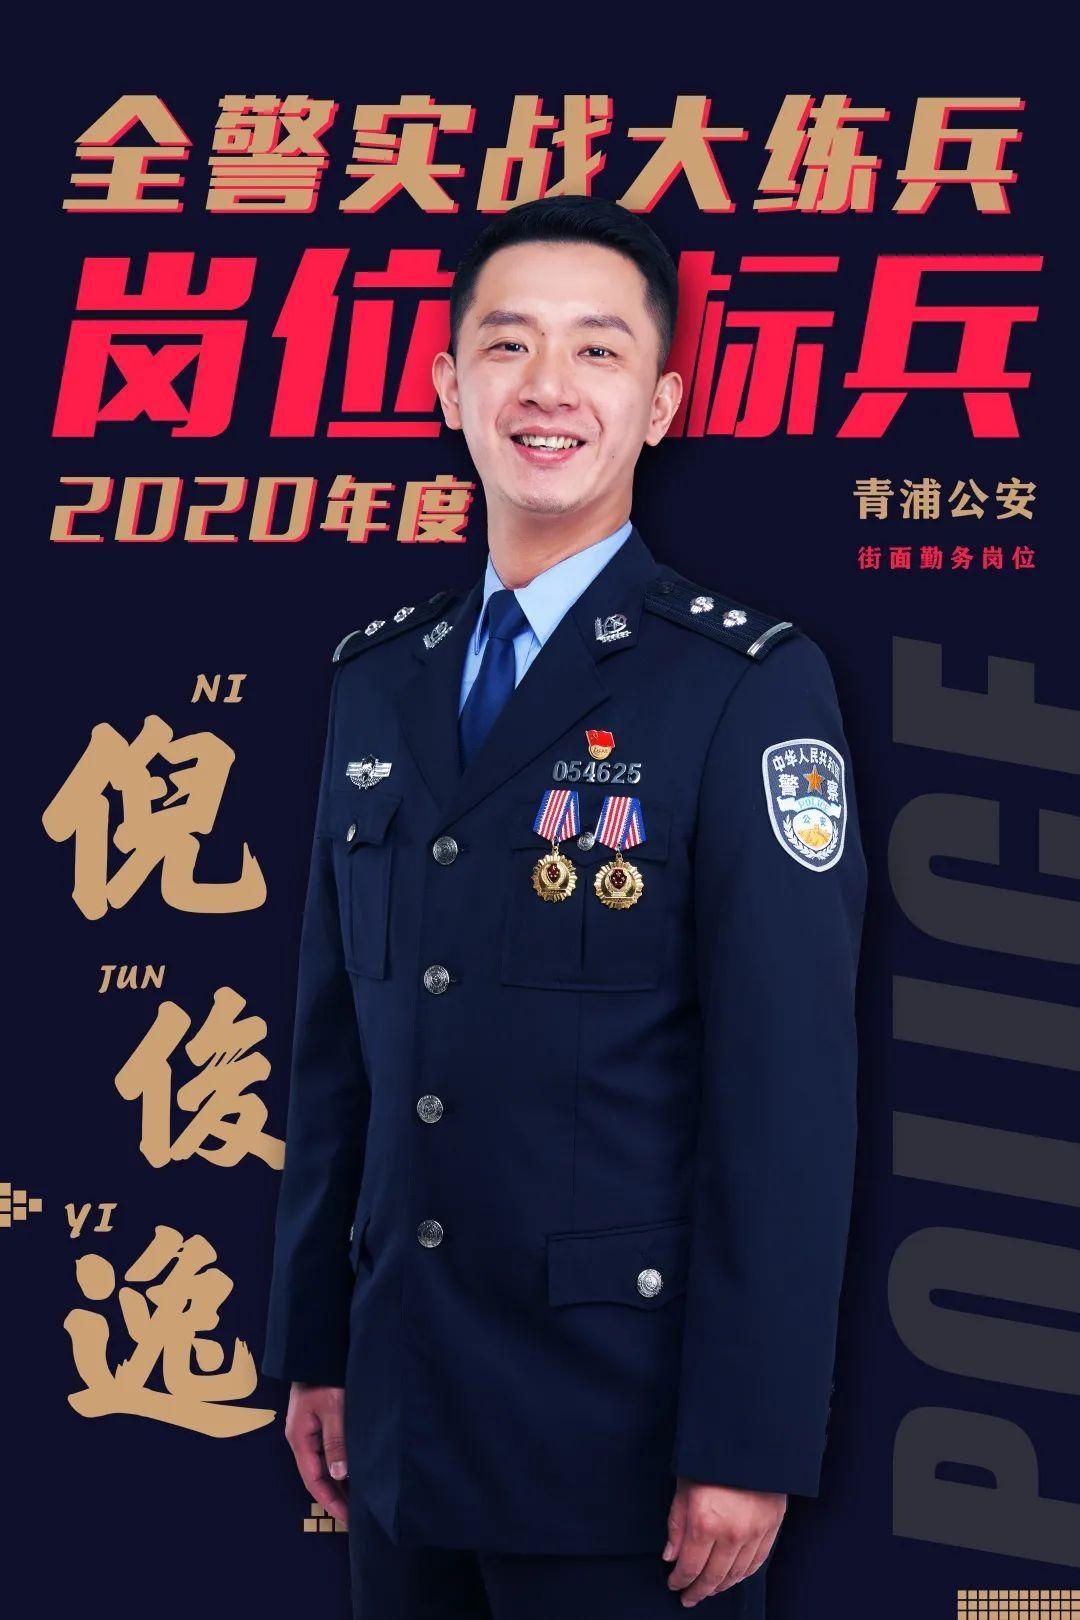 【岗位标兵】青浦公安街面勤务岗位标兵——倪俊逸